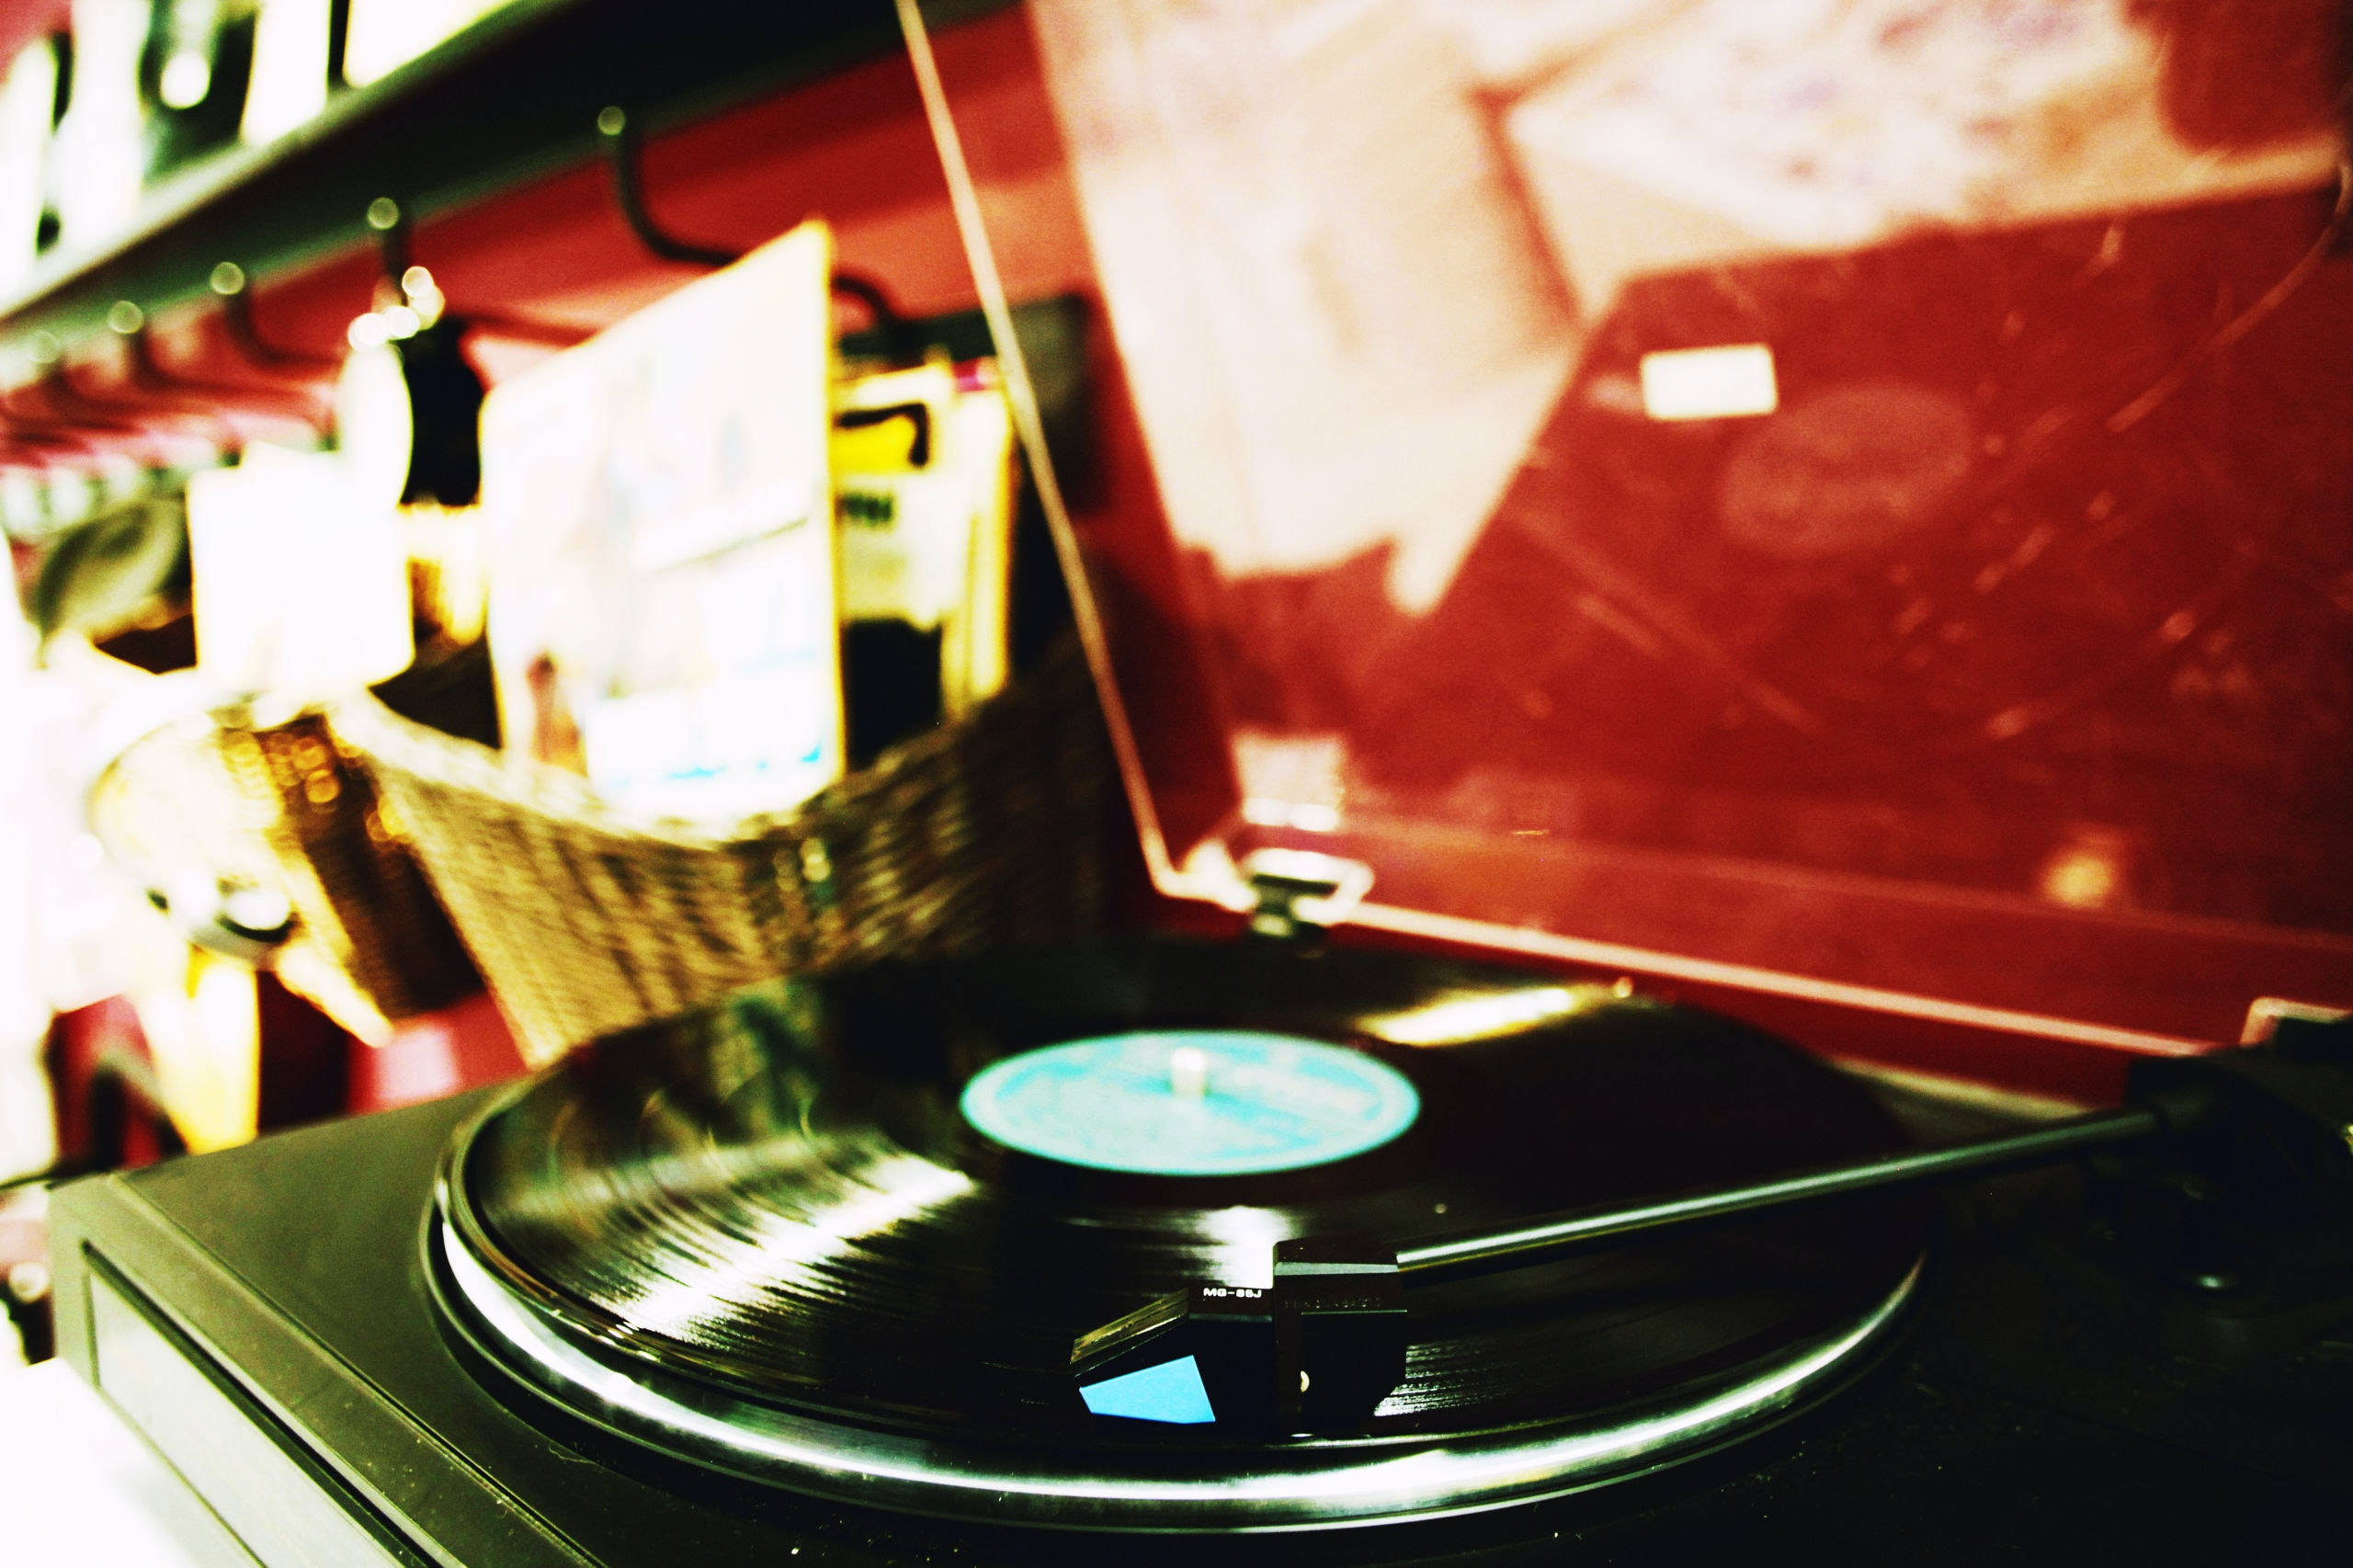 Nederland 03-09-2017  Plaatjes draaien op een pickup. Een langspeelplaat, ook wel vinylplaat genoemd, vaak afgekort tot lp of elpee, is een van vinyl gemaakte grammofoonplaat van 30 cm (12 inch) diameter, die aan elke kant ruimte biedt voor maximaal 30 minuten muziek. Sinds het begin van de jaren 2010 maakt de lp een kleine, maar groeiende opmars, mede door een heropleving van vinyl in de hiphop en dance-scenes. Ook zou de kwaliteit van het geluid van lp's beter zijn dan andere muziekdragers, zoals een cd of digitaal. Foto: Richard Brocken/Hollandse Hoogte